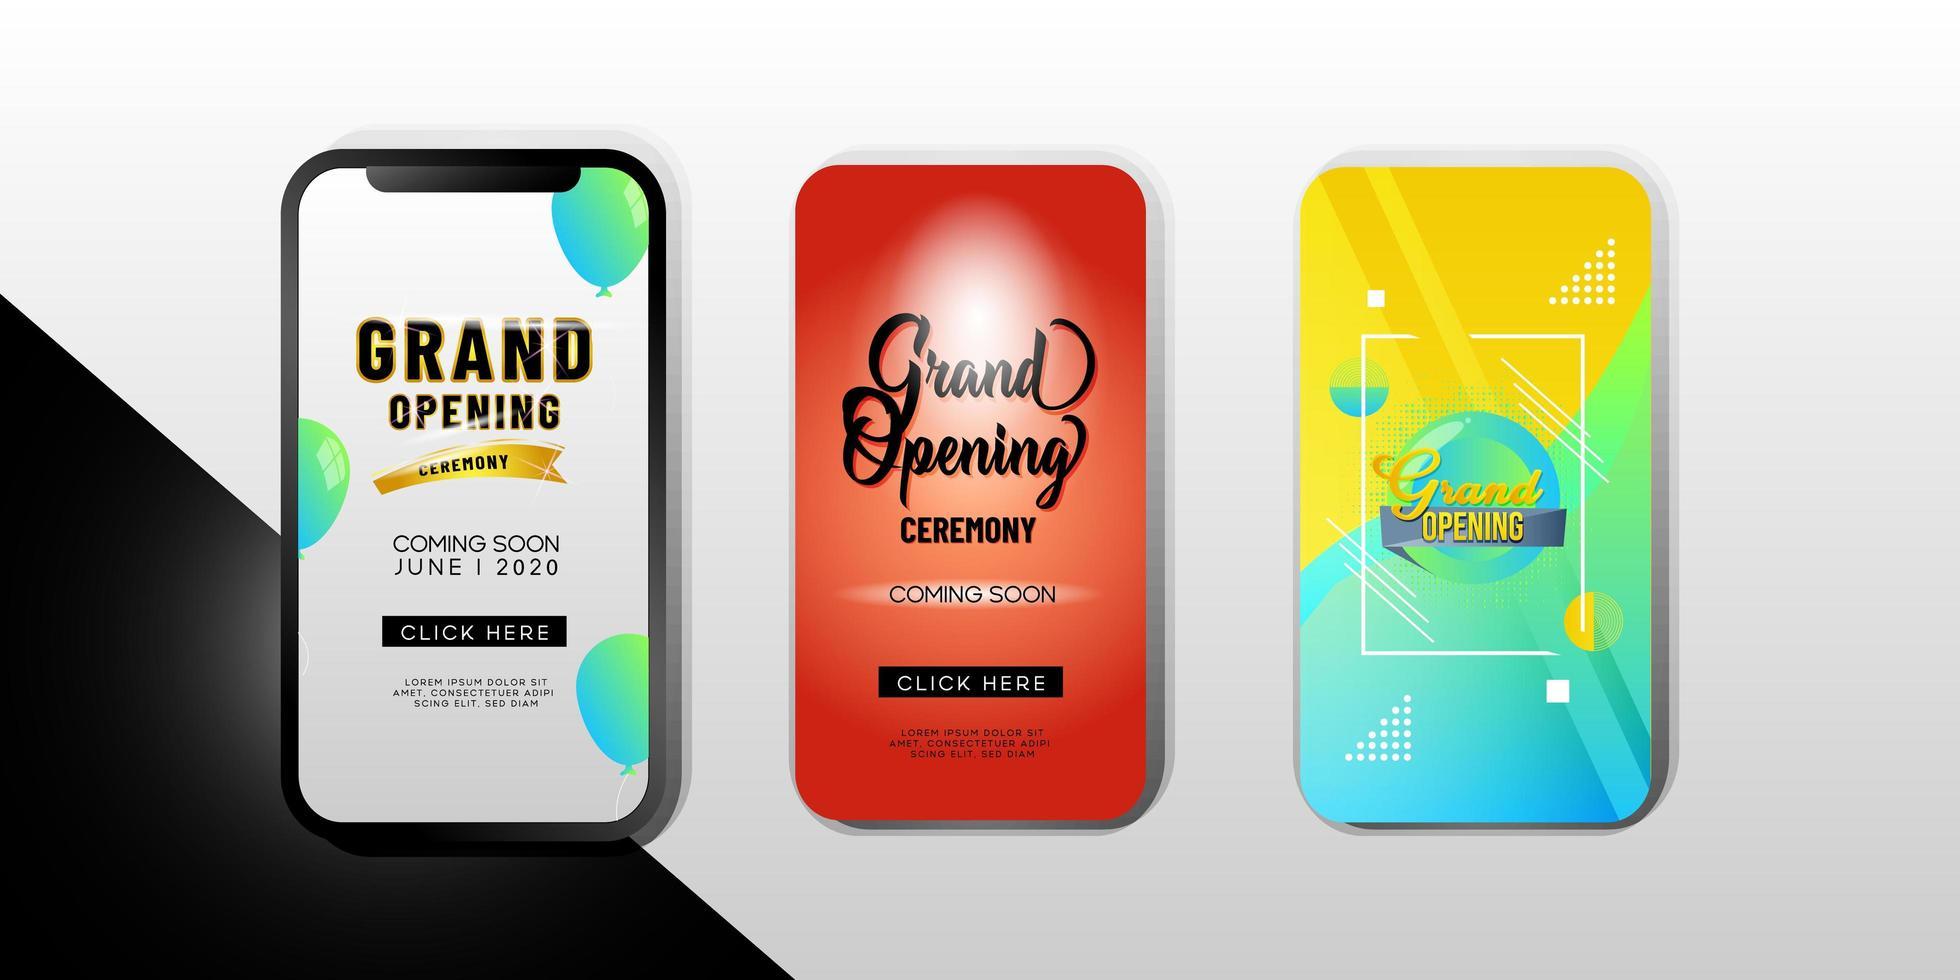 ensemble de modèles de téléphones mobiles `` grande ouverture '' vecteur